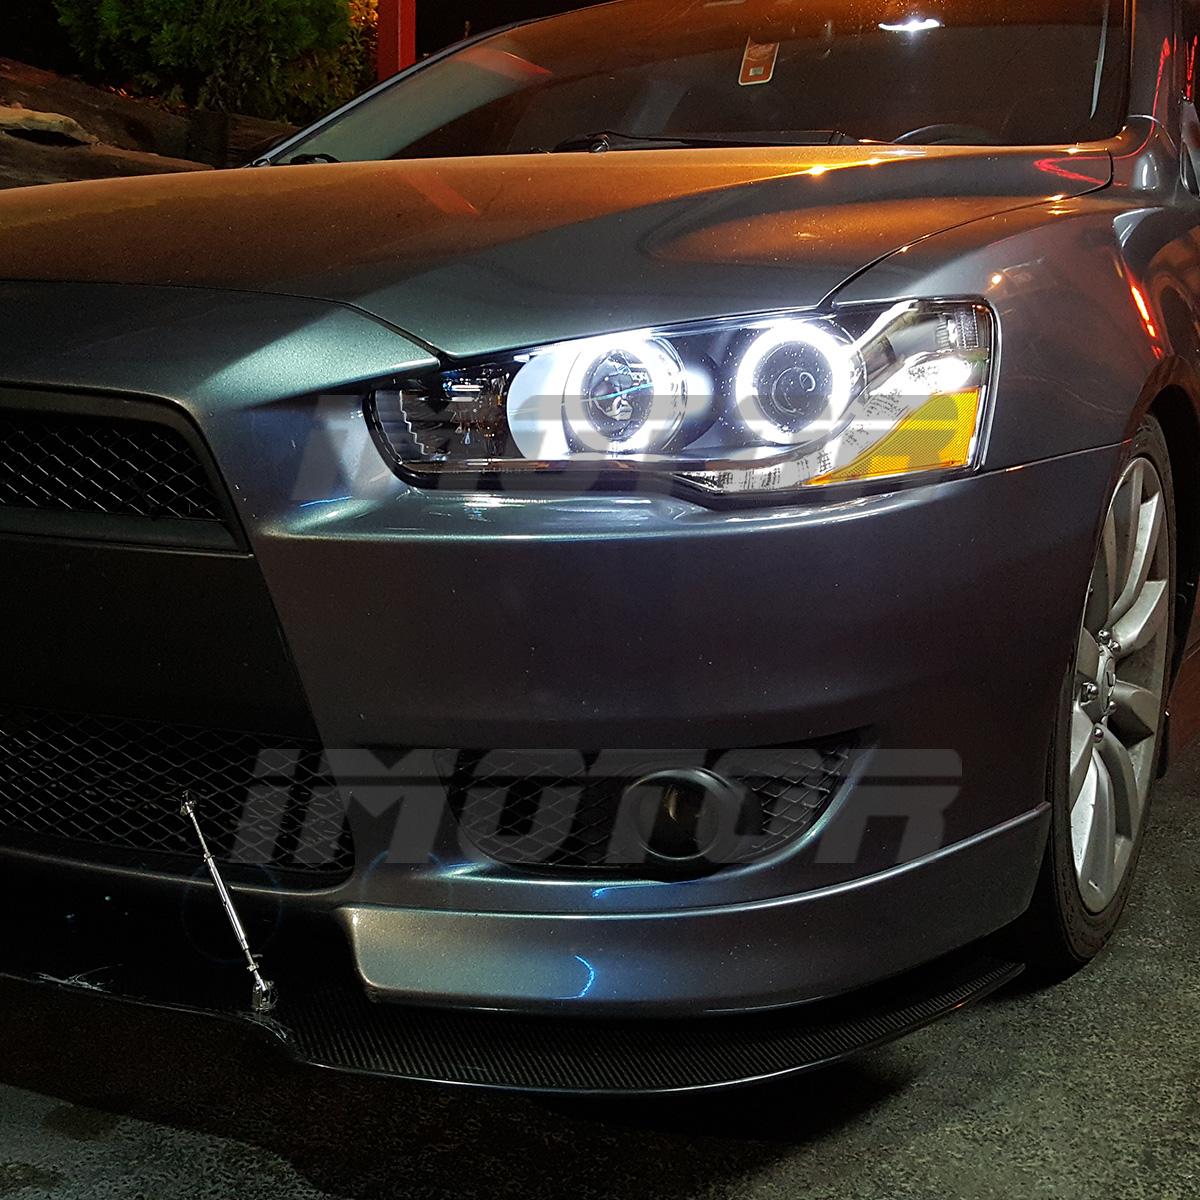 Mitsubishi Evo 2010 For Sale: [Dual CCFL Halo] 2008-2016 Mitsubishi Lancer EVO X LED DRL